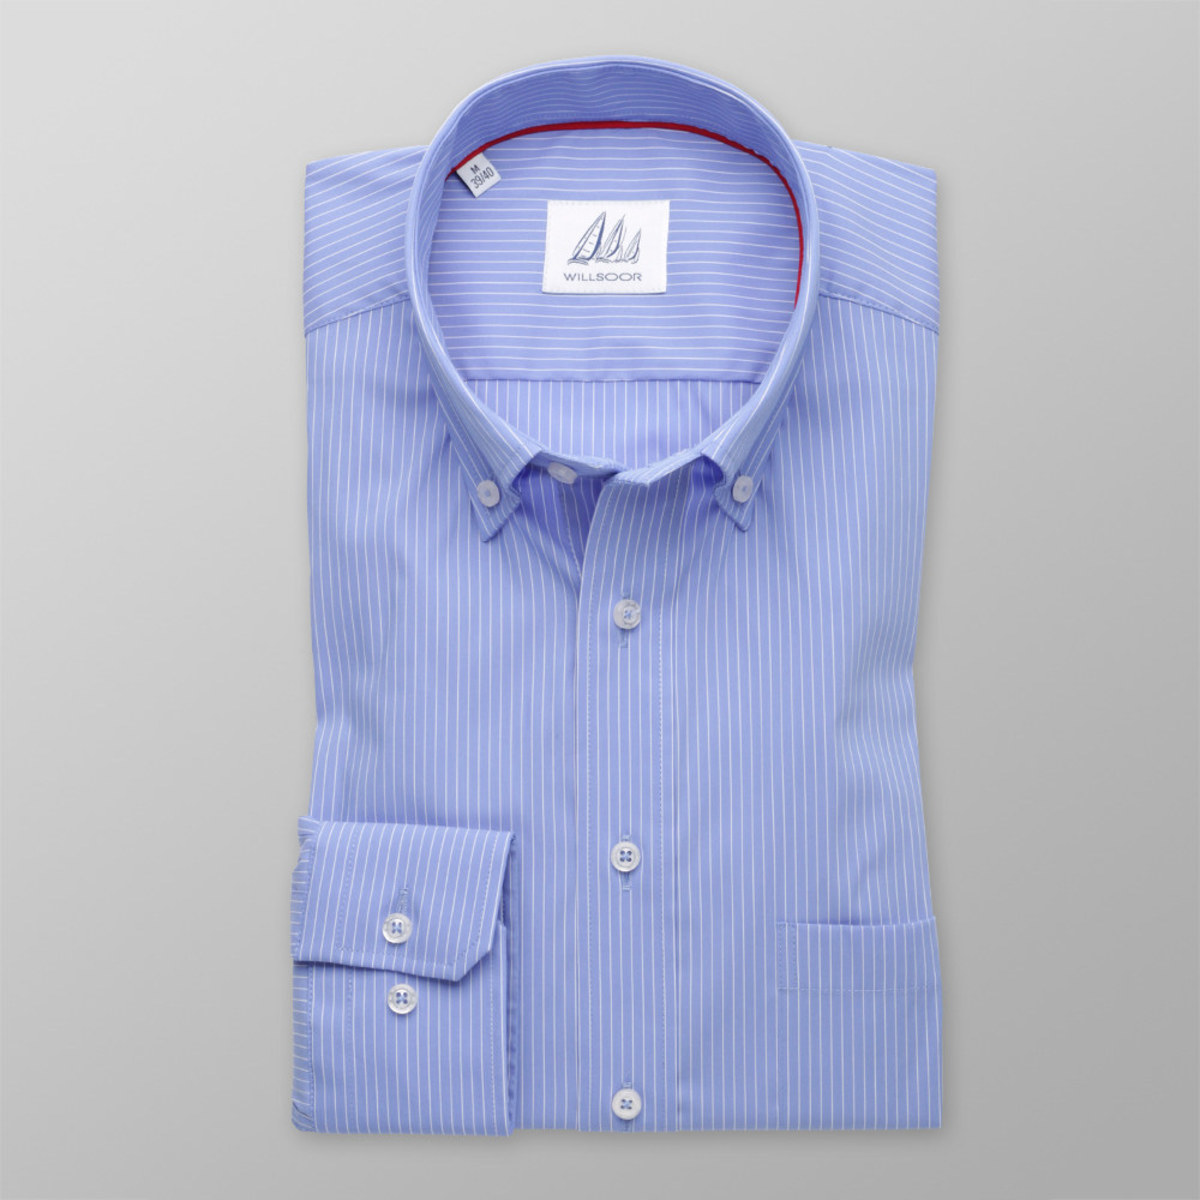 Pánska klasická košeľa (výška 176-182) 8295 v modré farbe s pásikmi 176-182 / L (41/42)